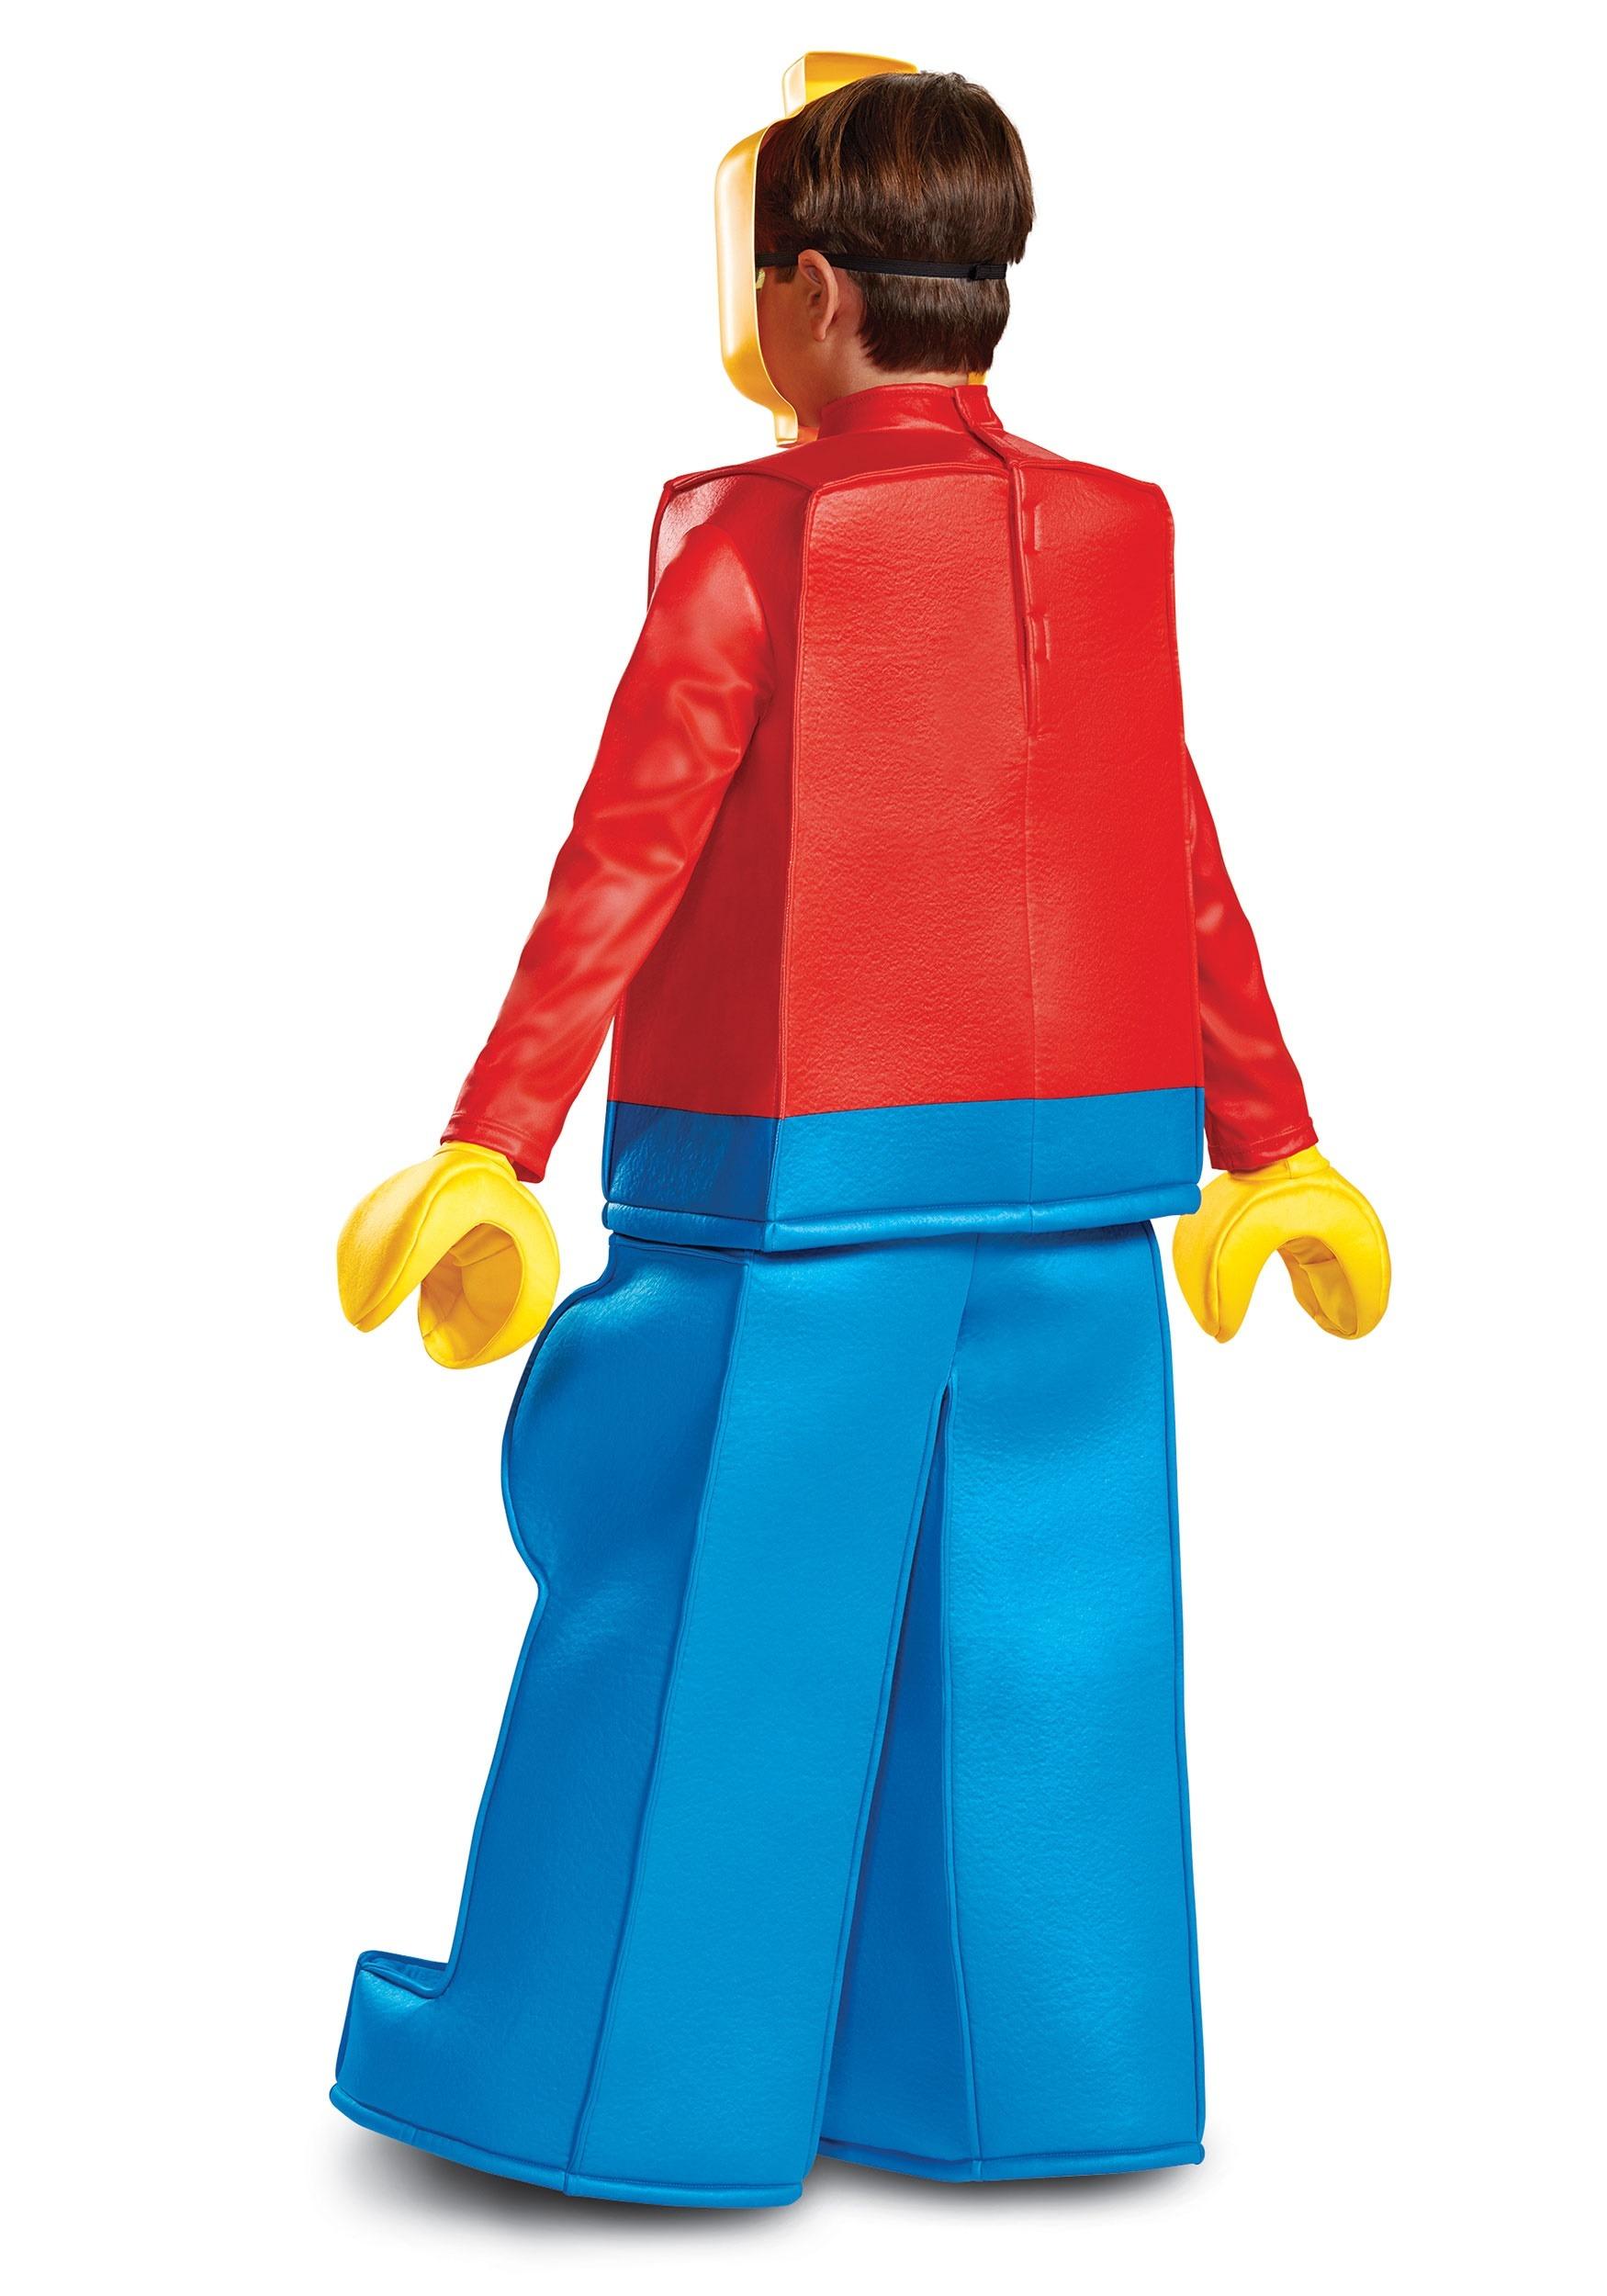 Lego Child Prestige Lego Guy Costume Lego Child Prestige Lego Guy Costume 2 ...  sc 1 st  Fun.com & Lego Prestige Lego Guy Costume